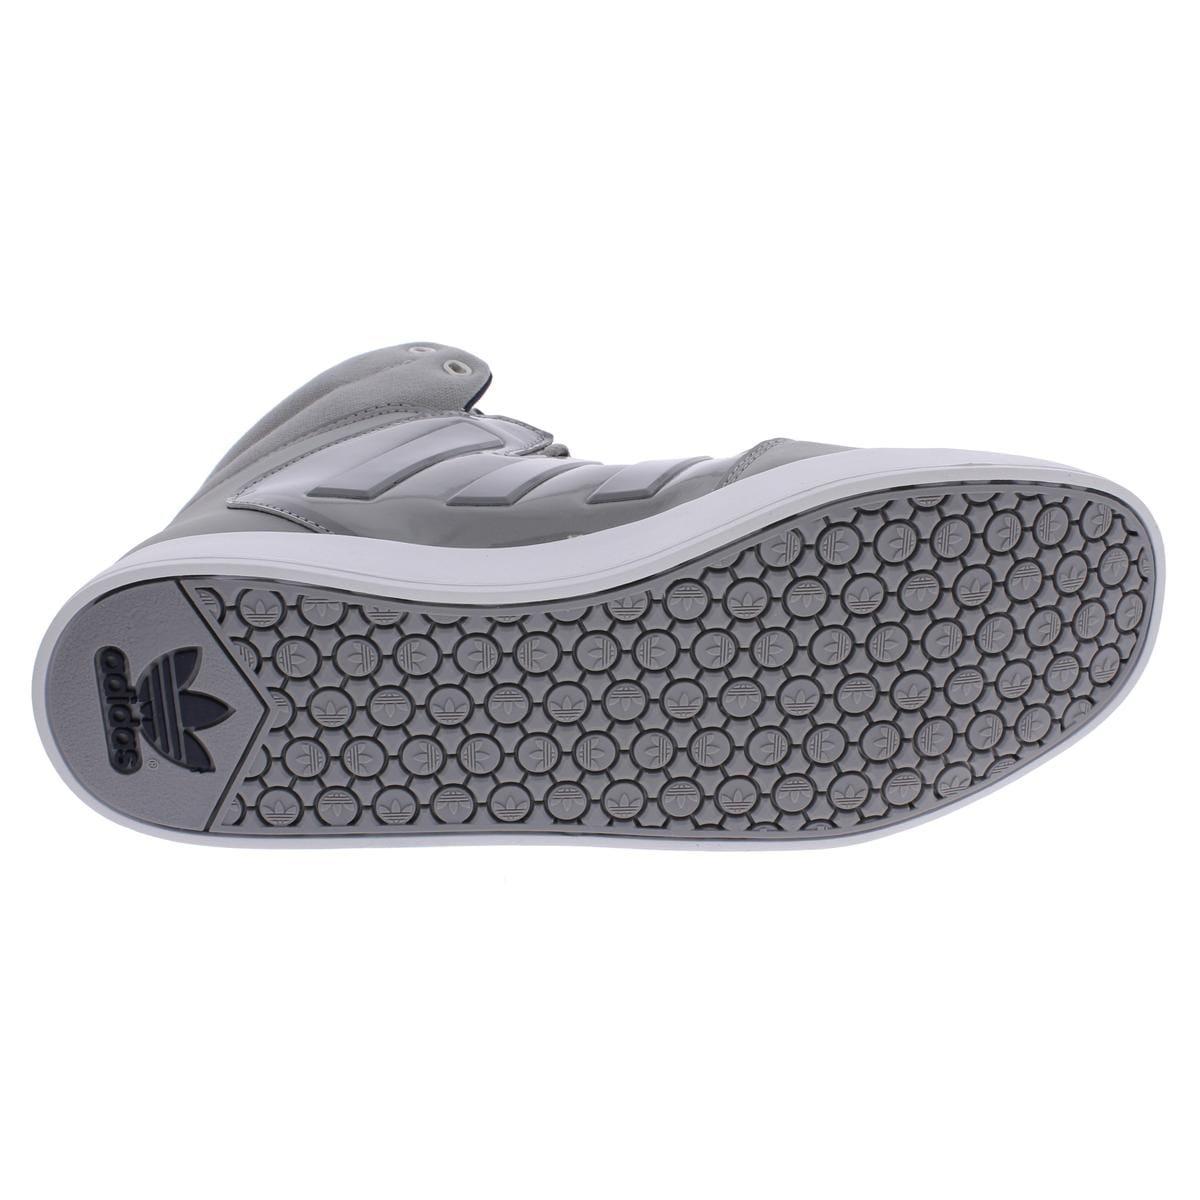 Il Negozio Di Scarpe Da Ginnastica Adidas Originali Uomo Dropstep Alte Formatori